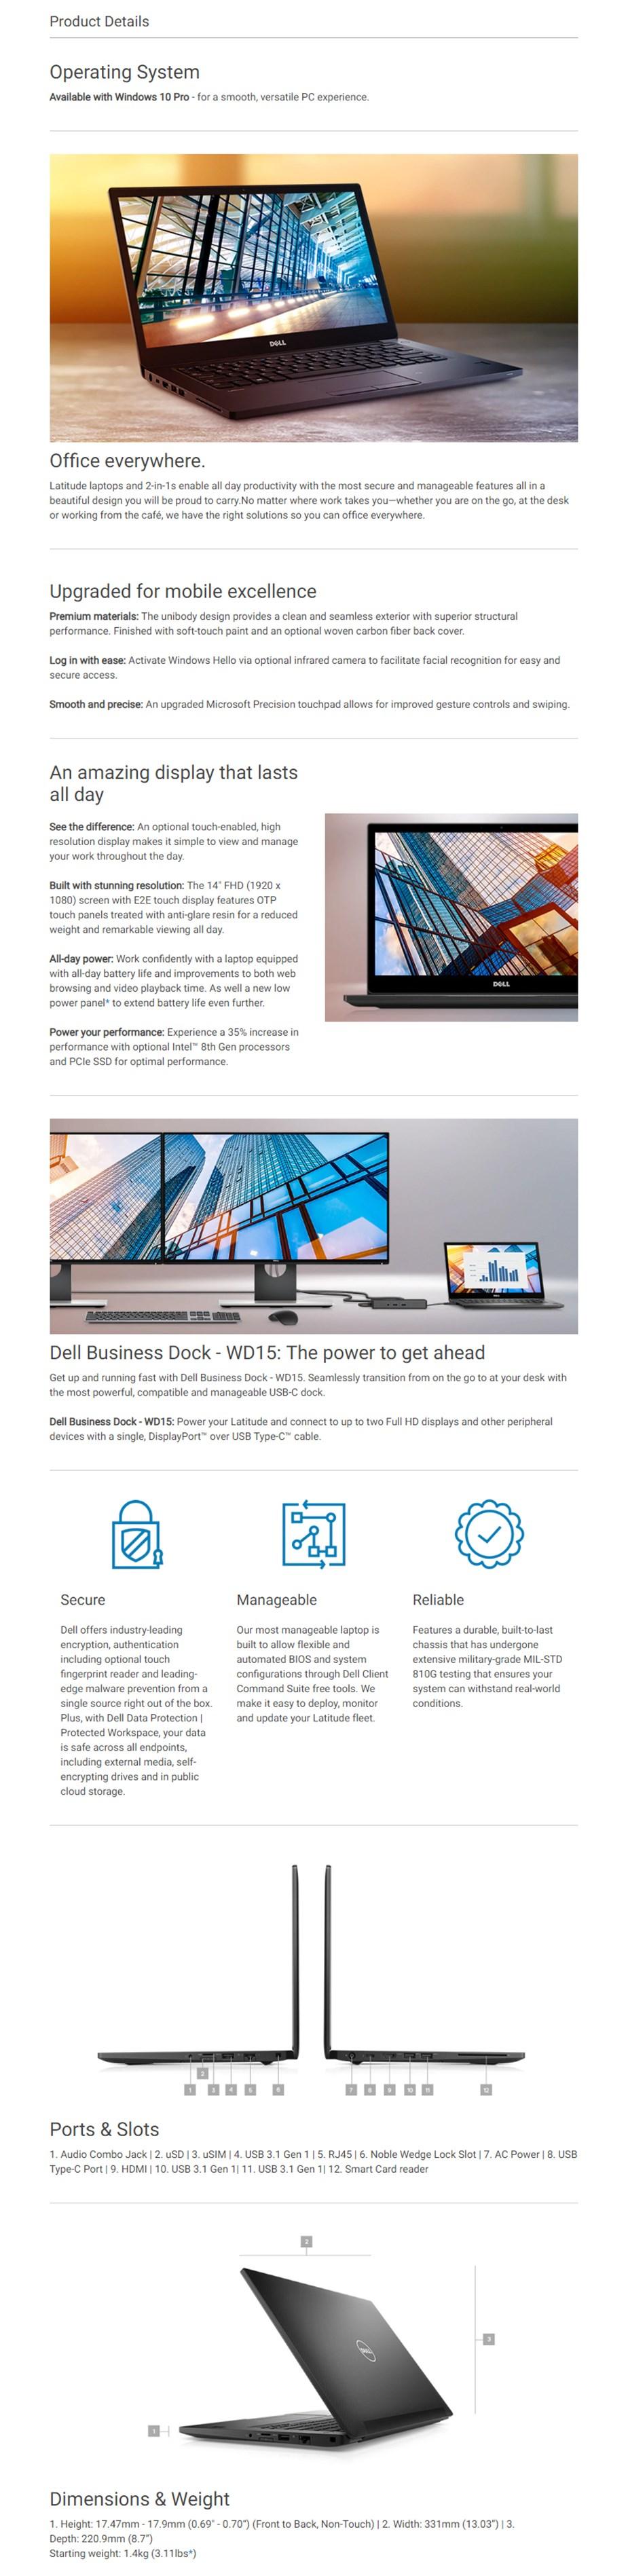 Dell Wd15 3 Monitors